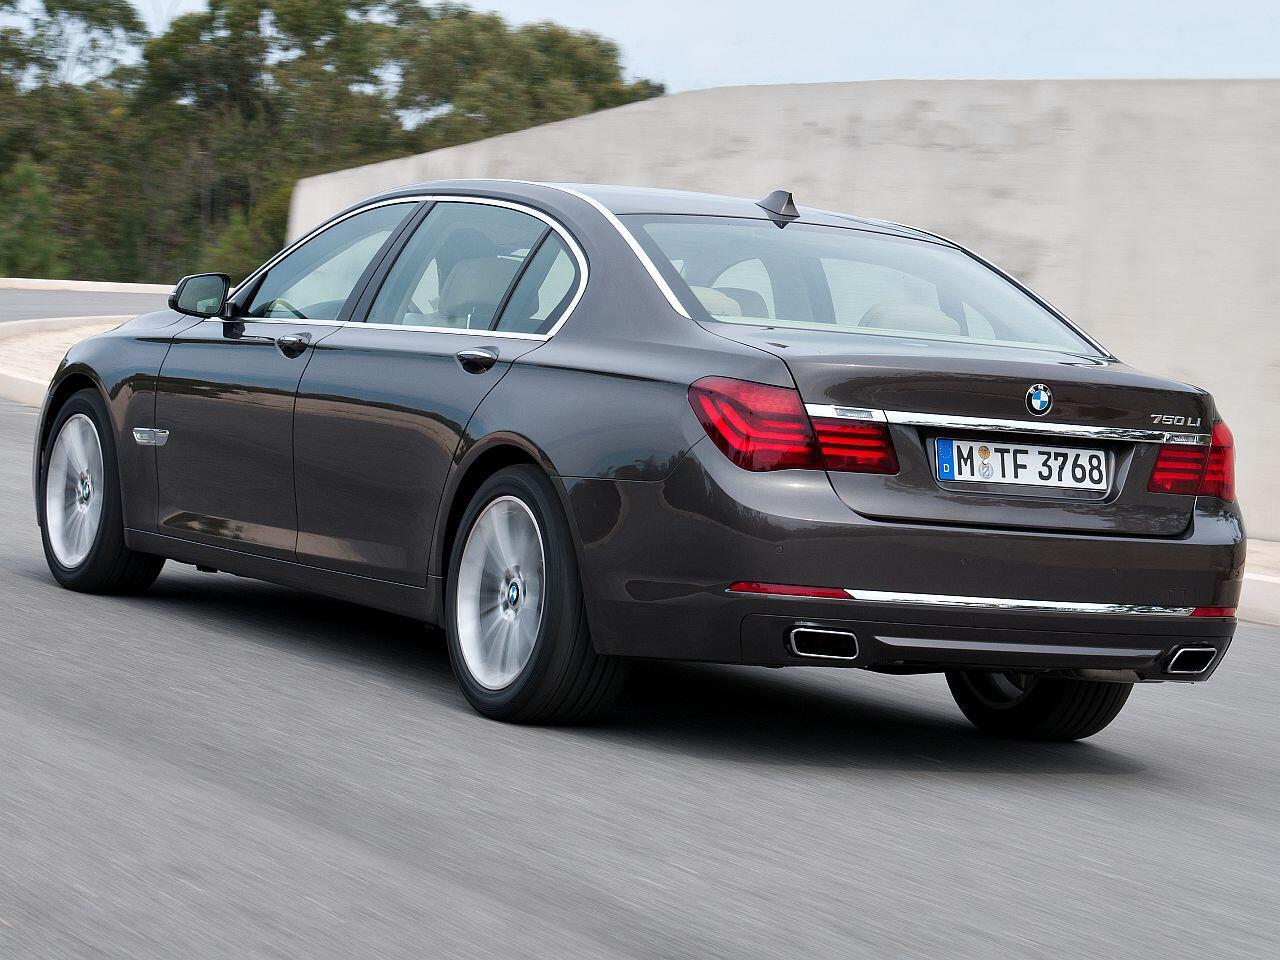 Bild zu Oberklasse-Limousine BMW 7er